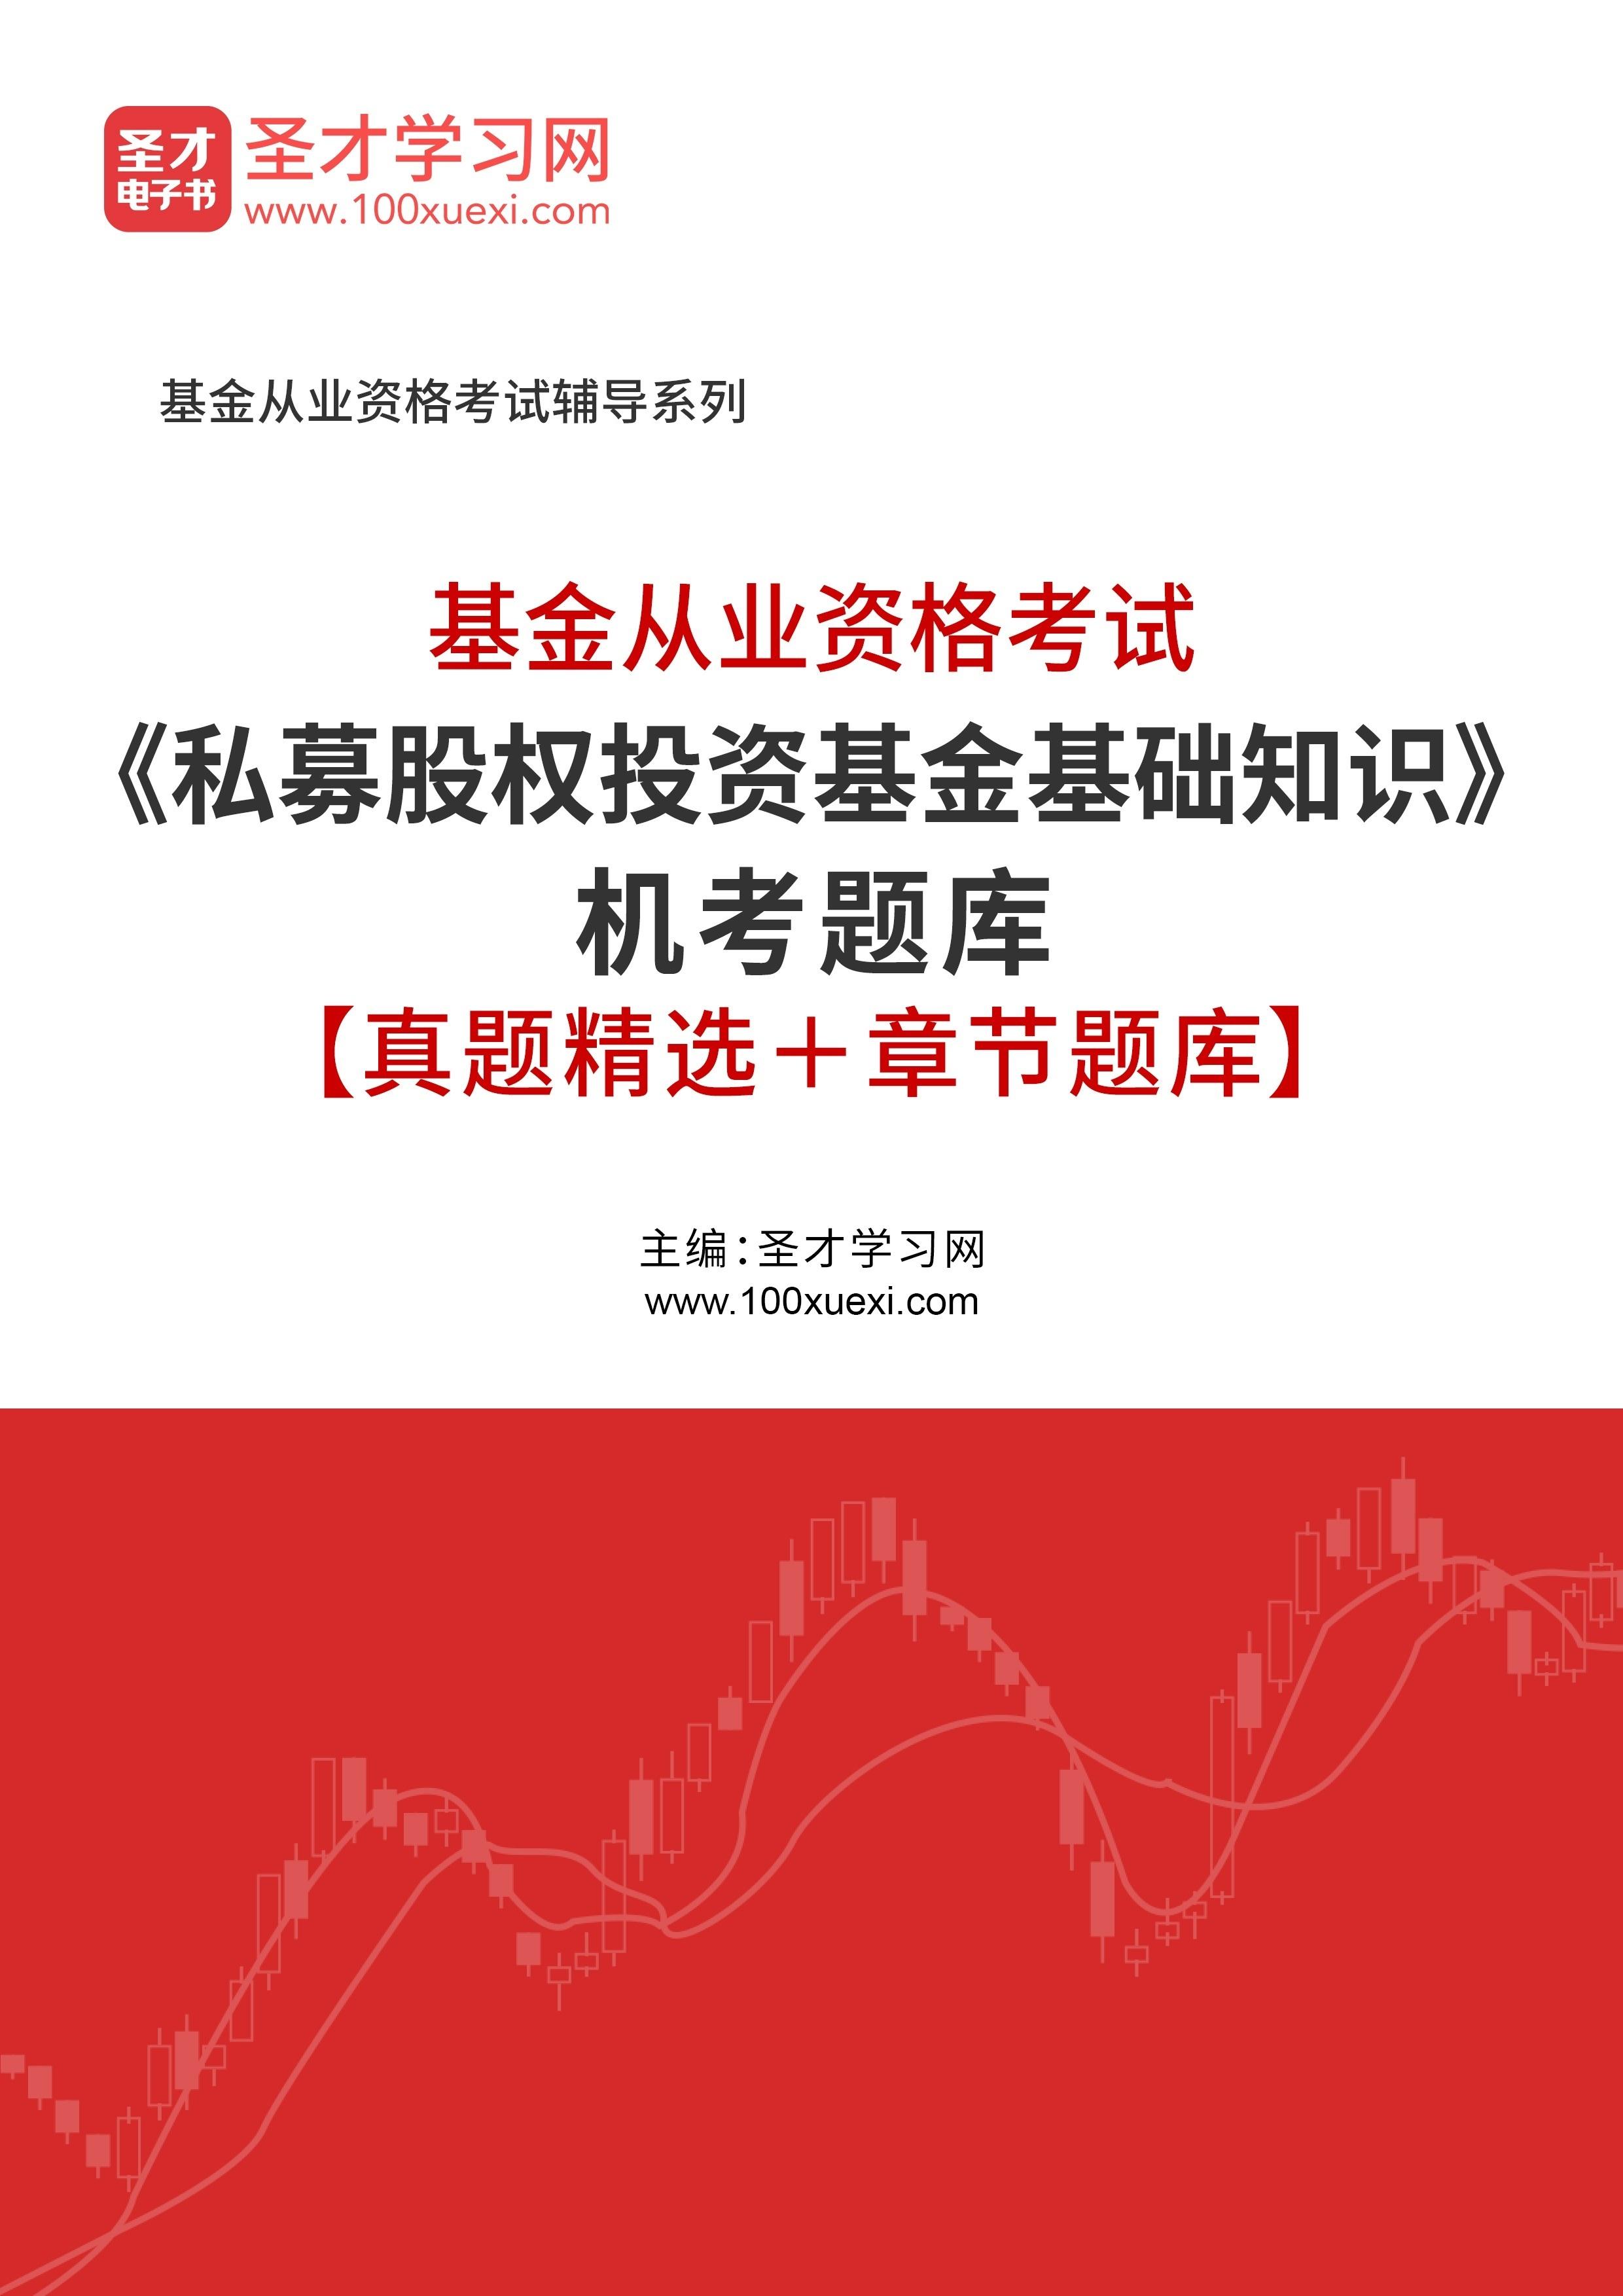 2021年基金從業資格考試《私募股權投資基金基礎知識》機考題庫【真題精選+章節題庫】